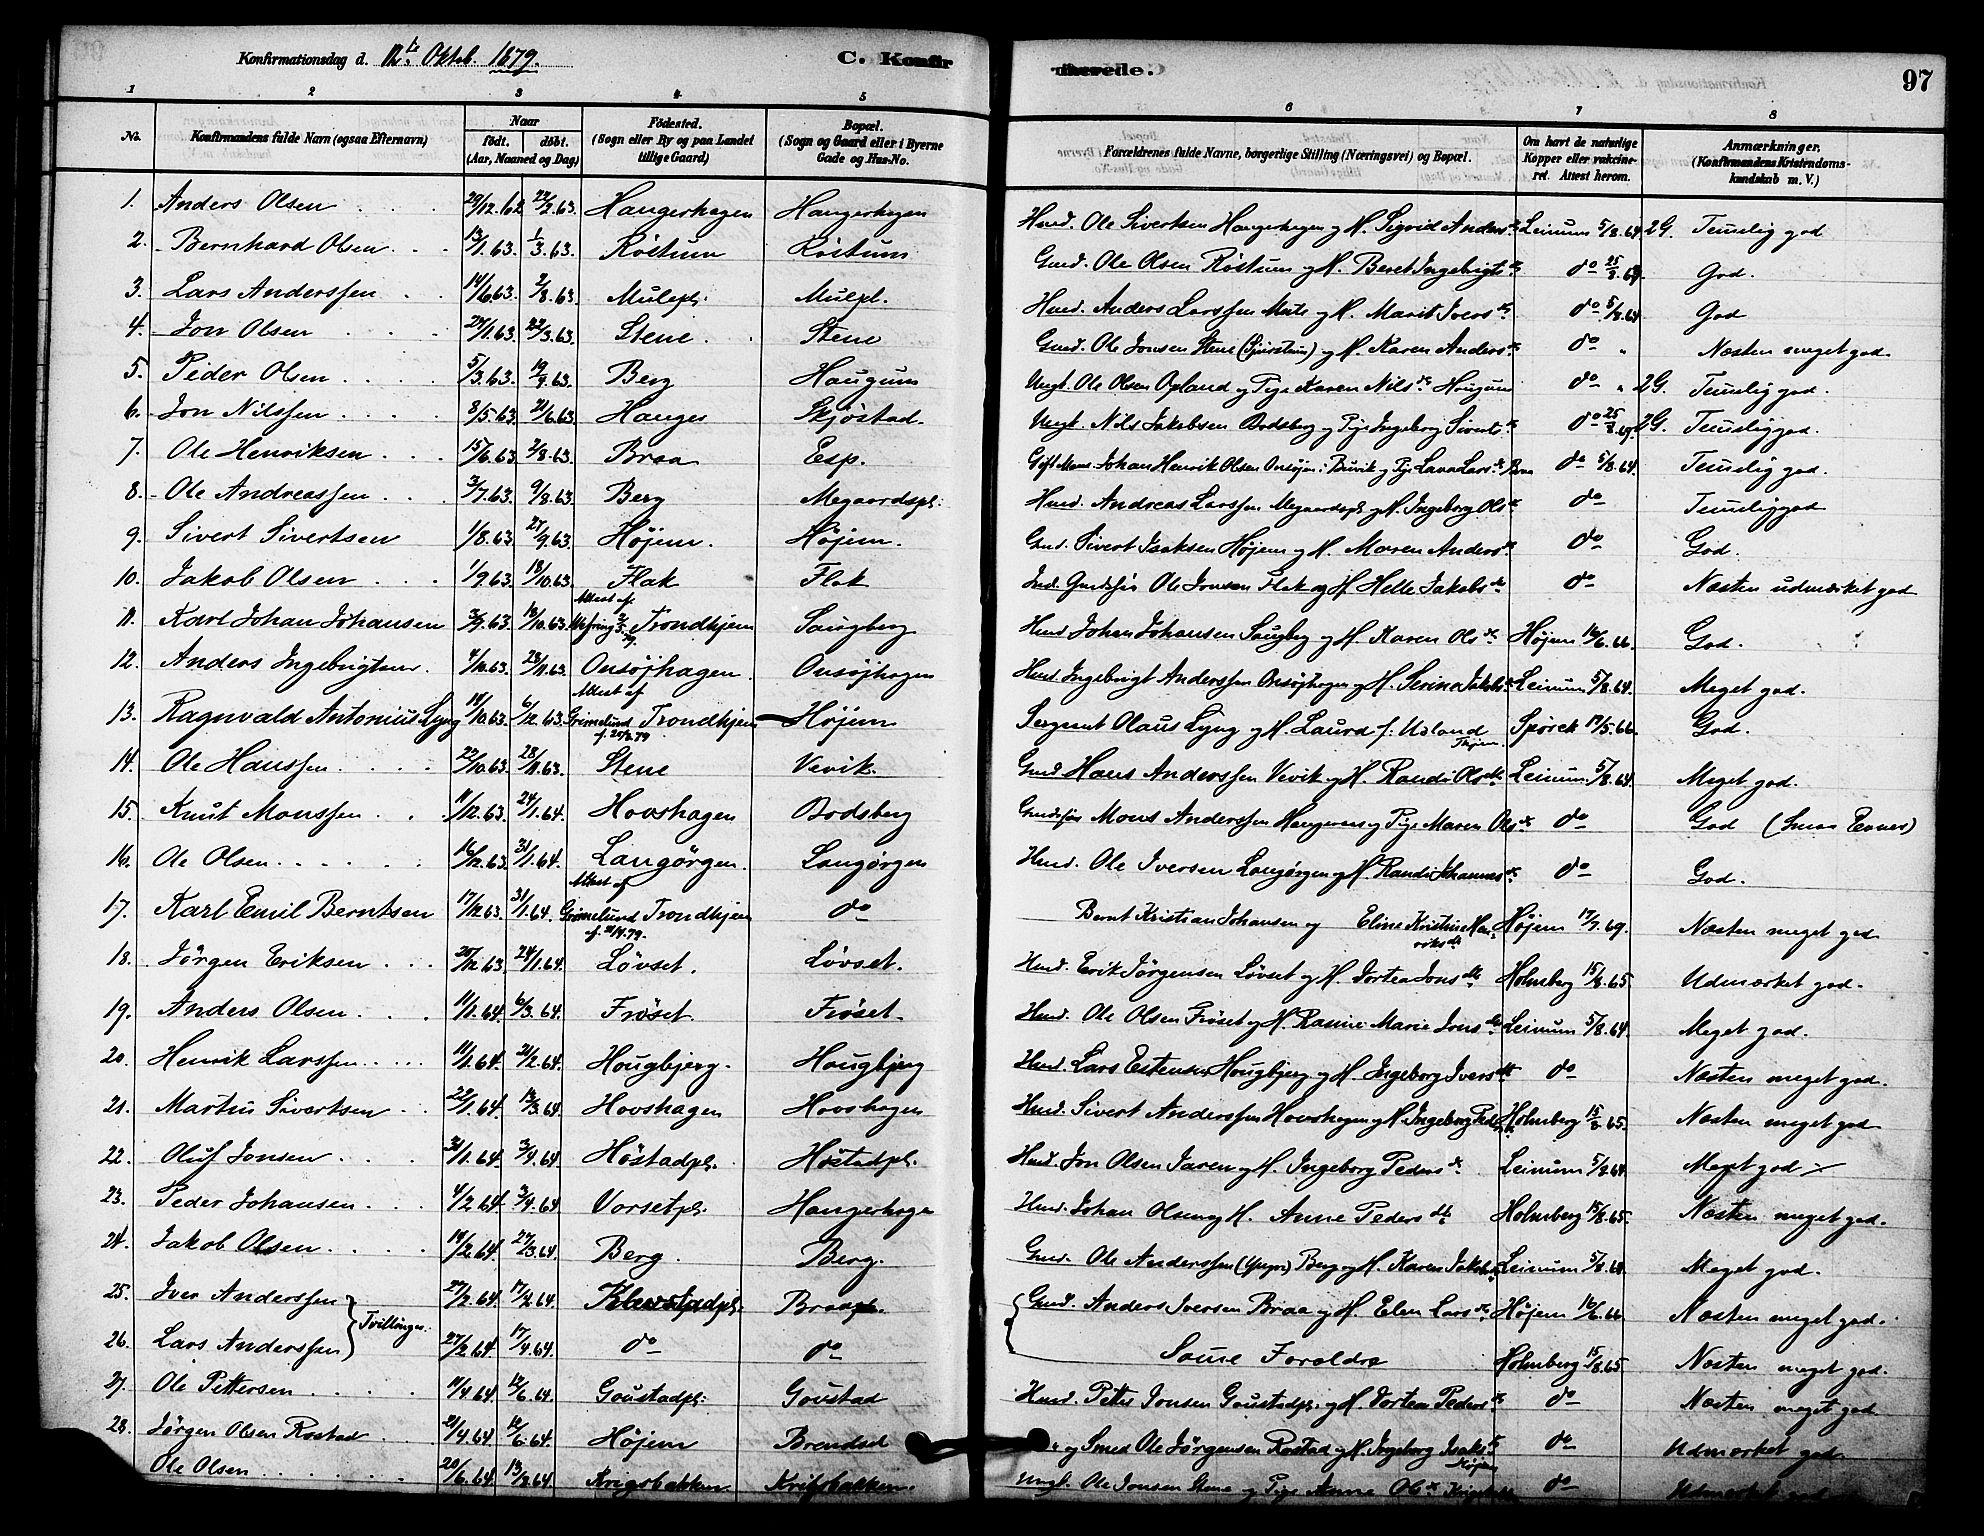 SAT, Ministerialprotokoller, klokkerbøker og fødselsregistre - Sør-Trøndelag, 612/L0378: Ministerialbok nr. 612A10, 1878-1897, s. 97